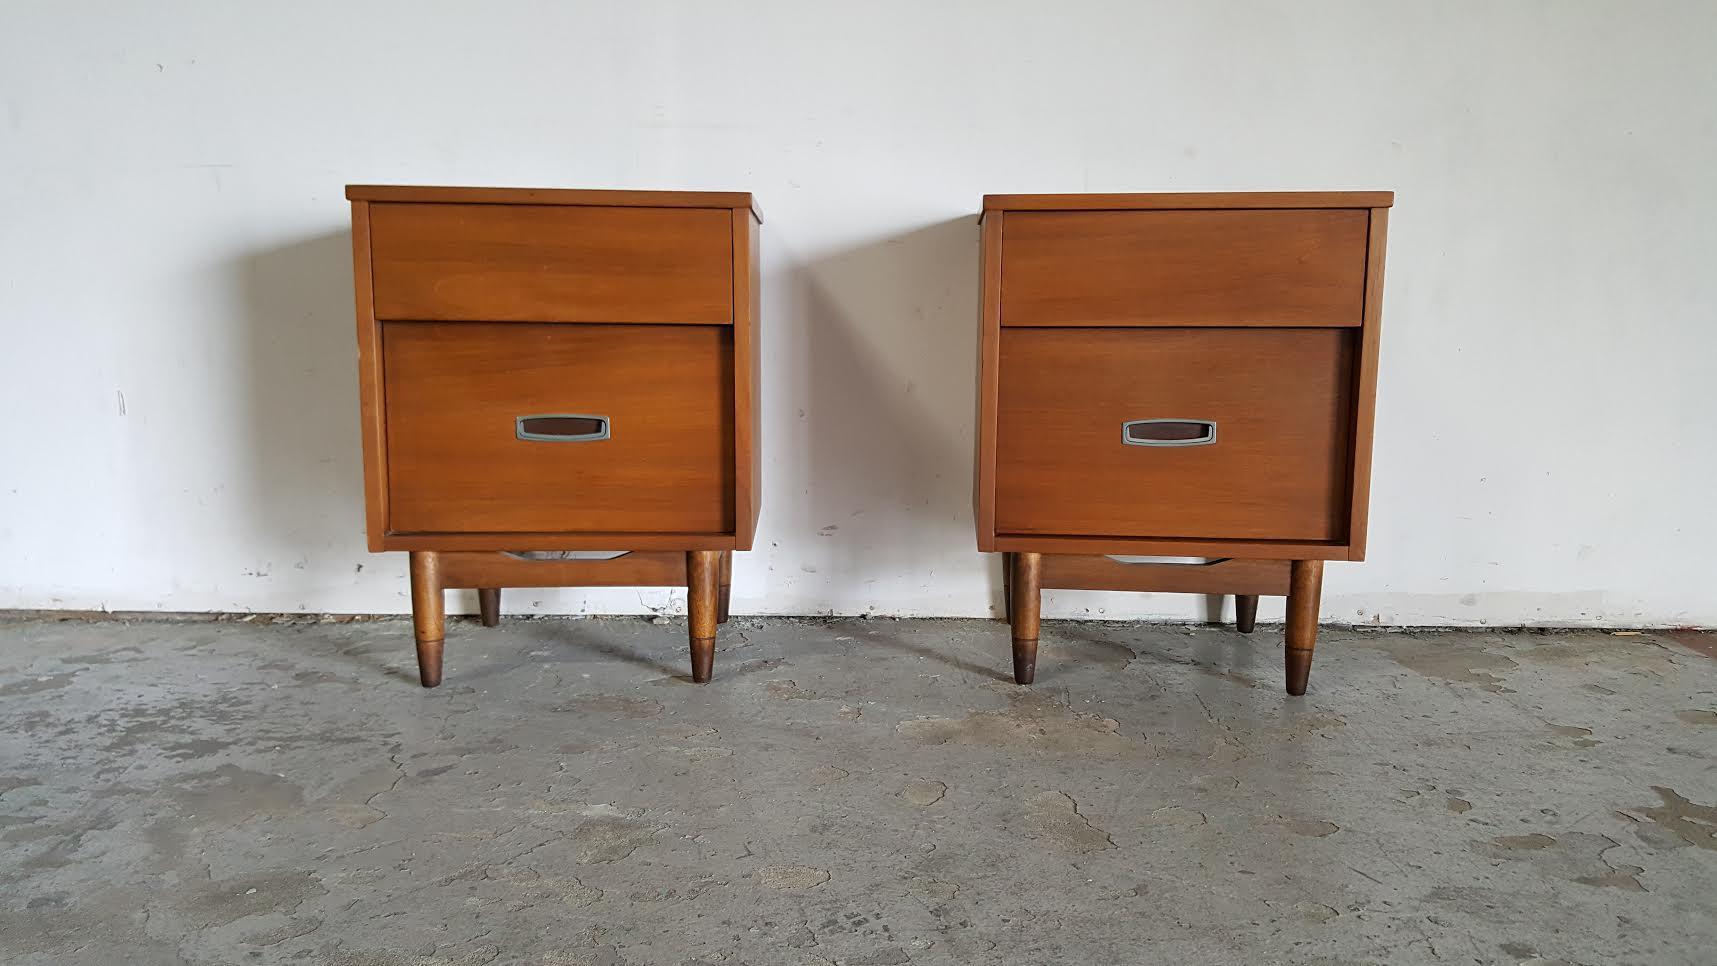 hooker mainline midcentury modern nightstands a pair image 3 of 11